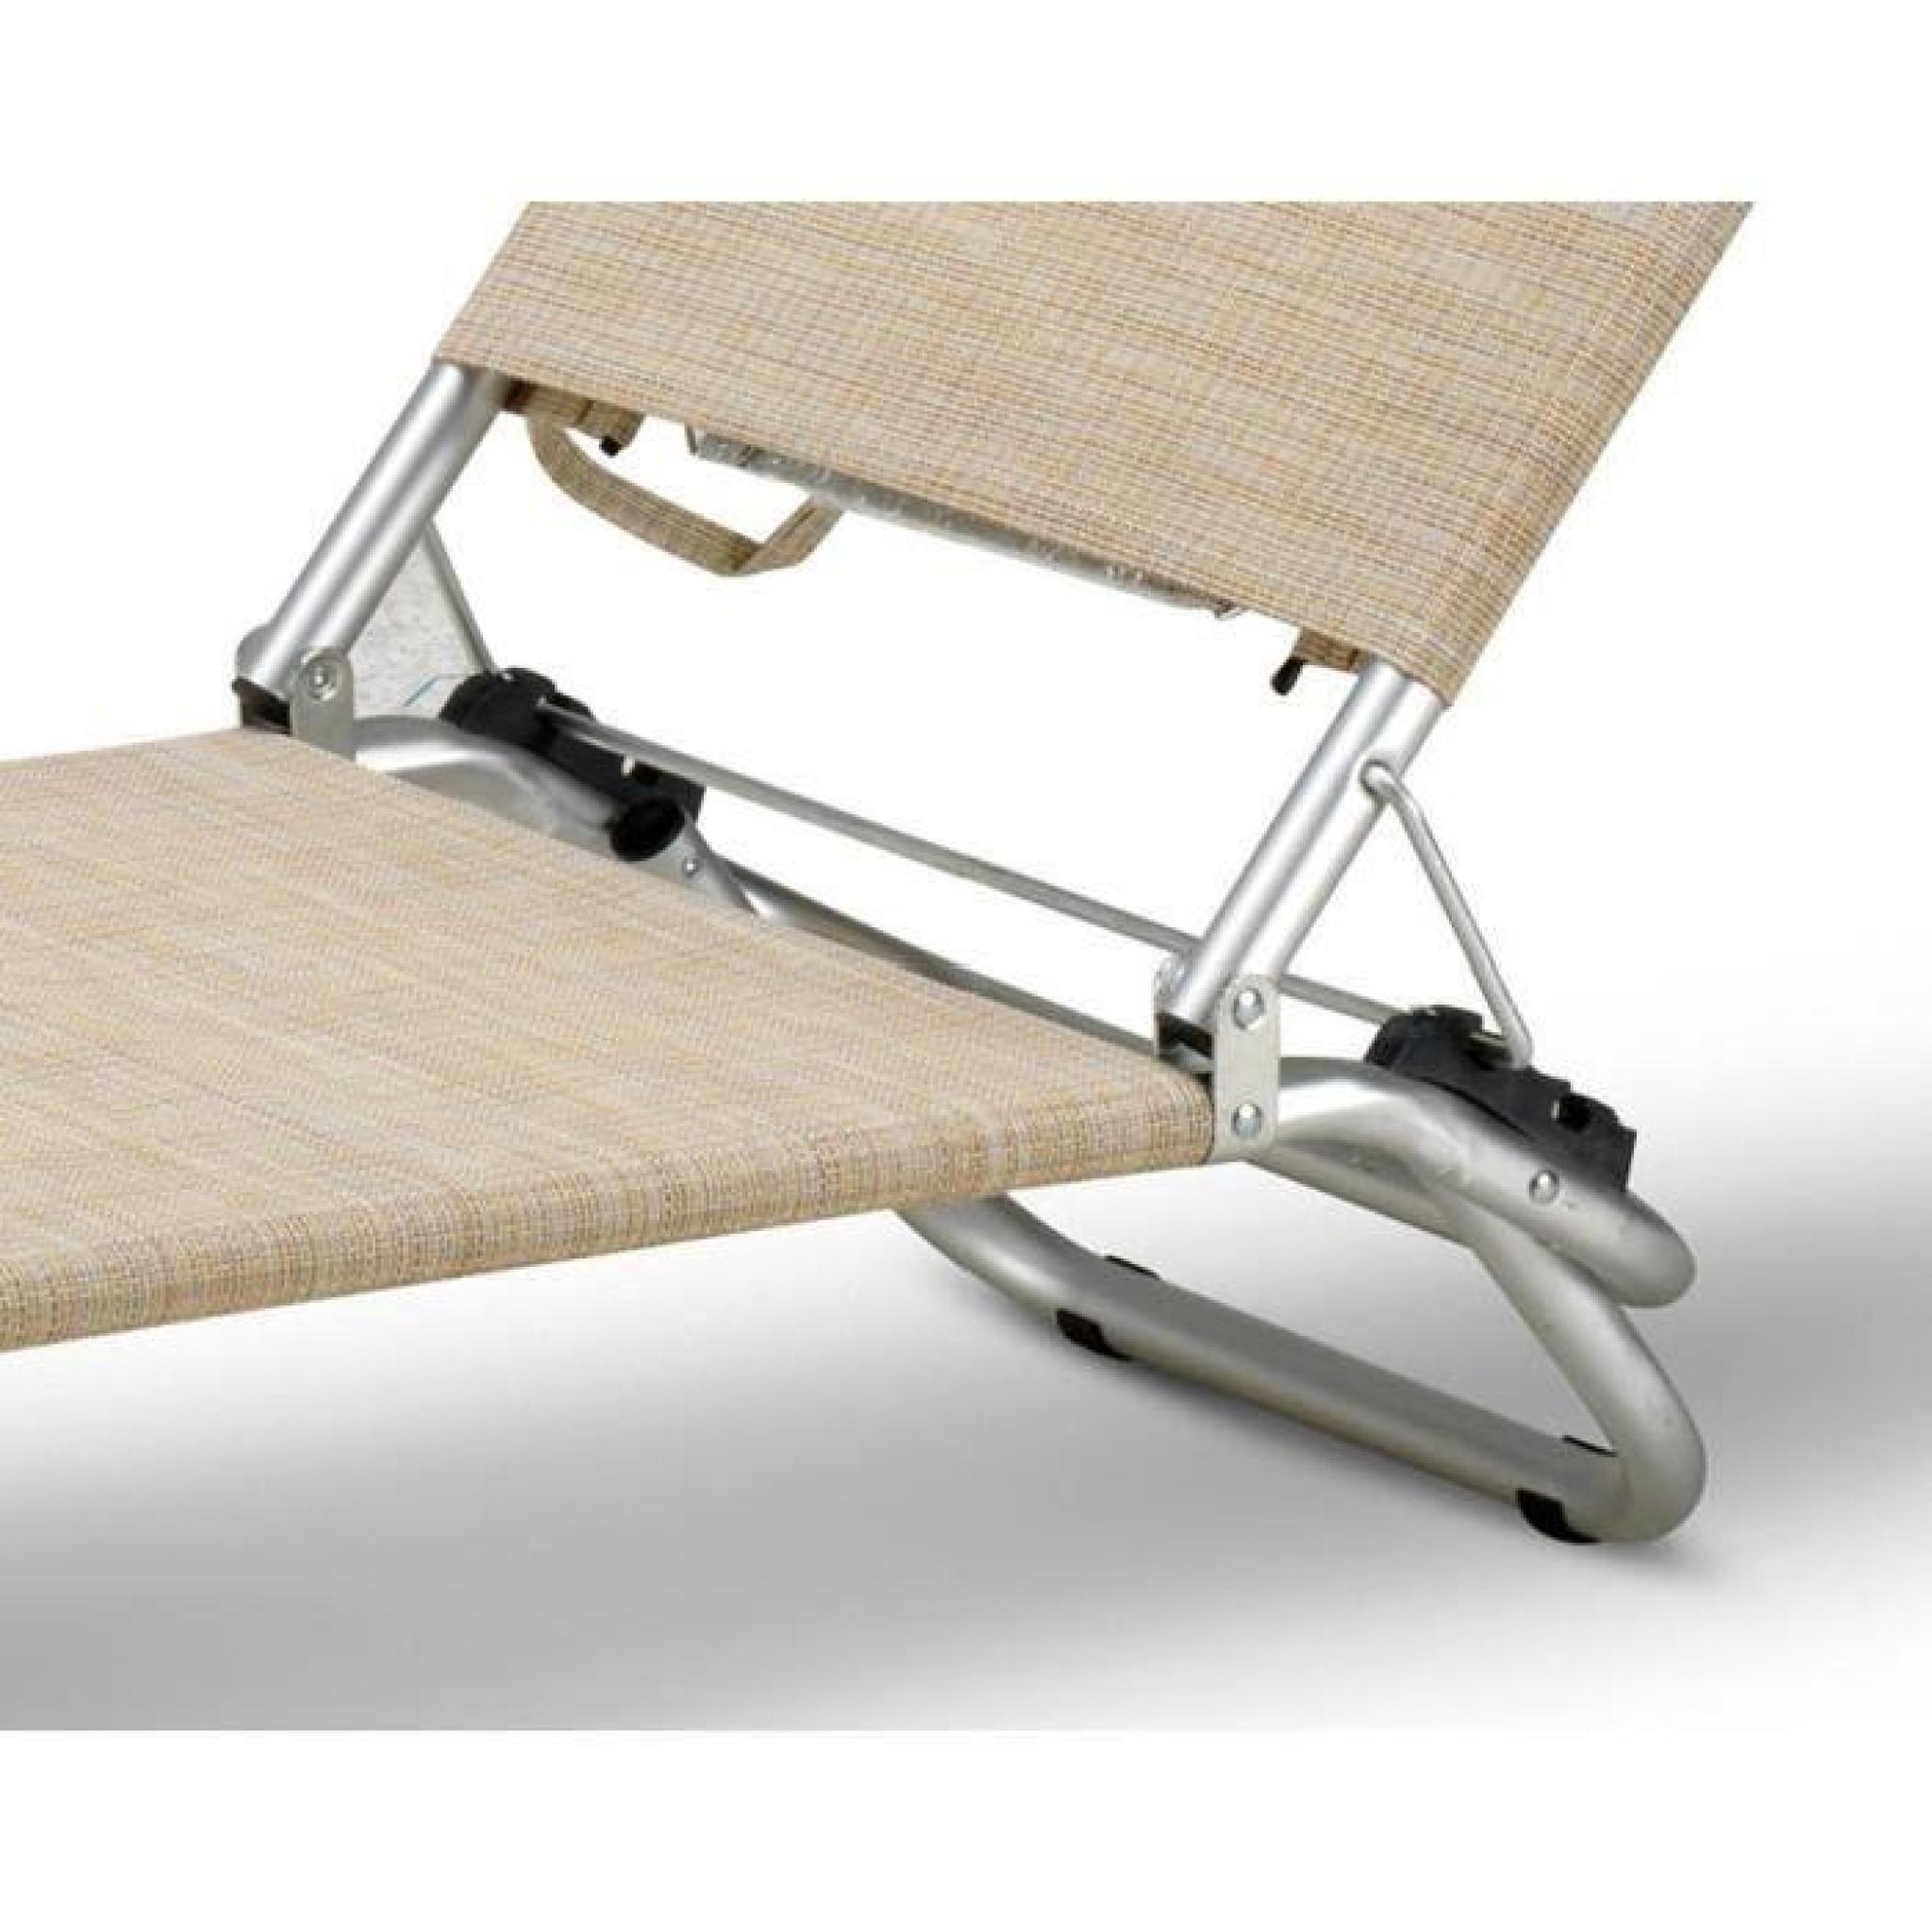 Chaise de plage transat pliante fauteuil piscine aluminium for Chaise longue piscine pas cher